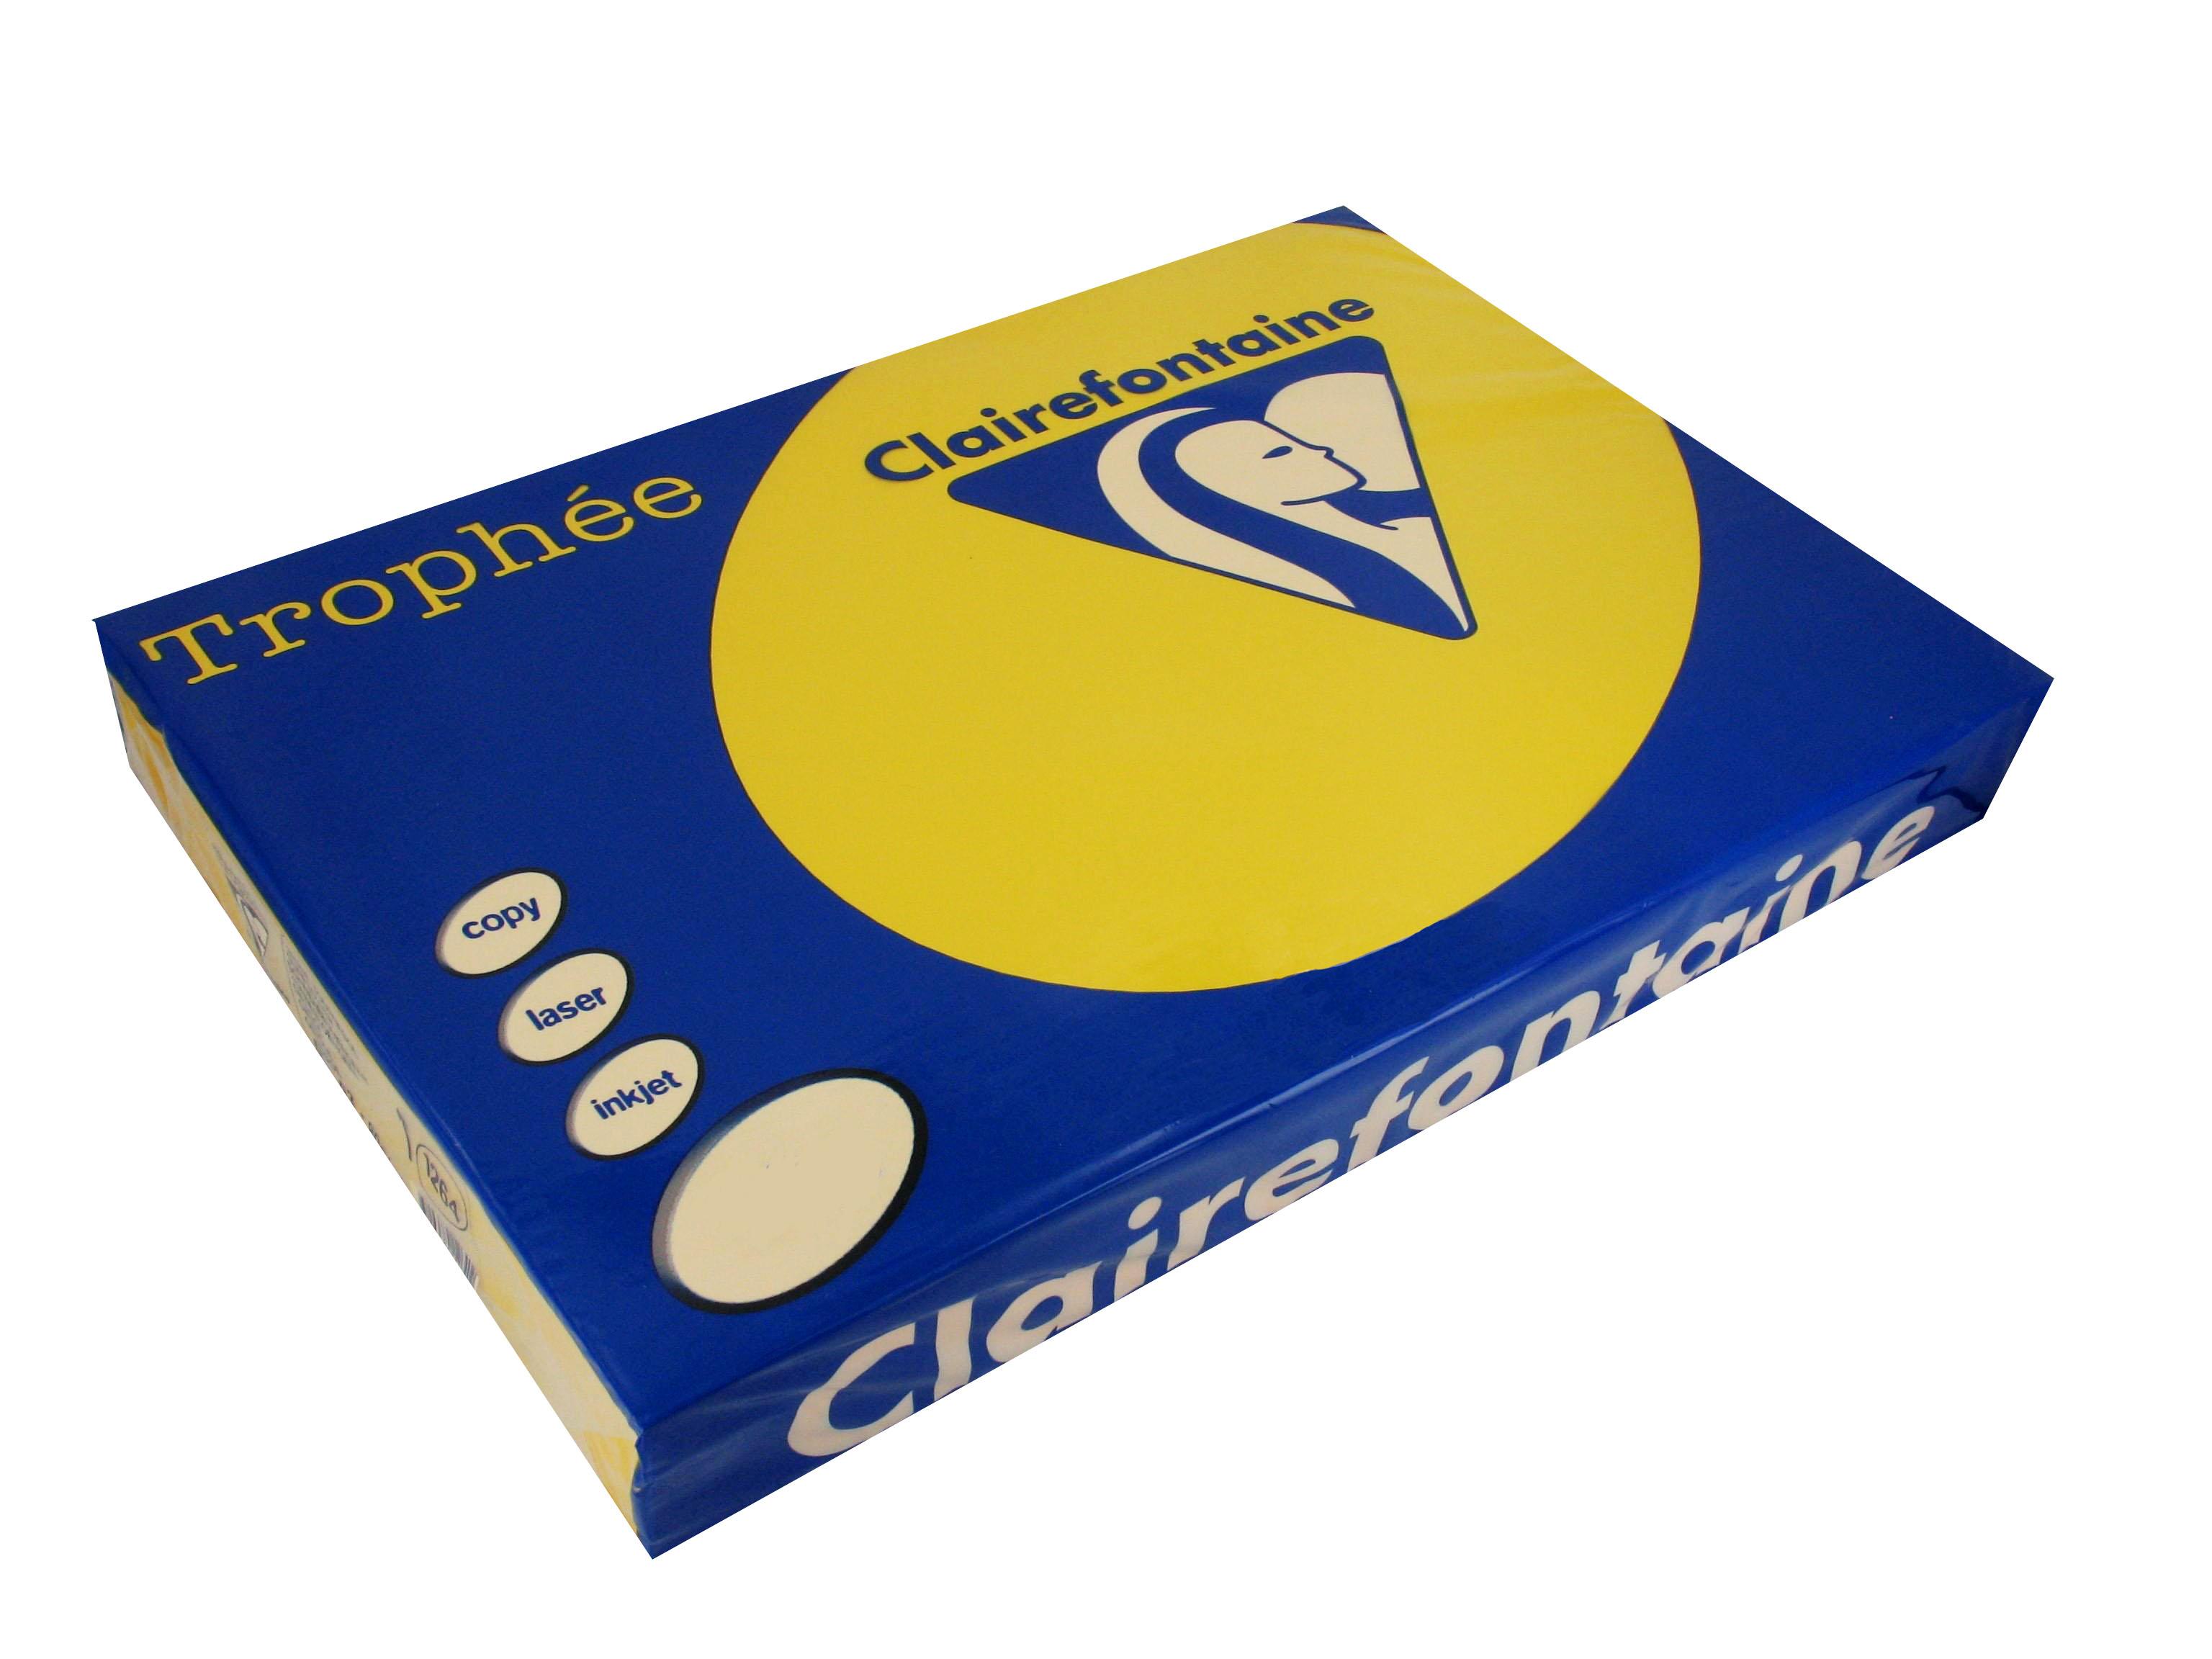 Clairefontaine Trophee Papier Ocker 160g/m² DIN-A4 - 250 Blatt